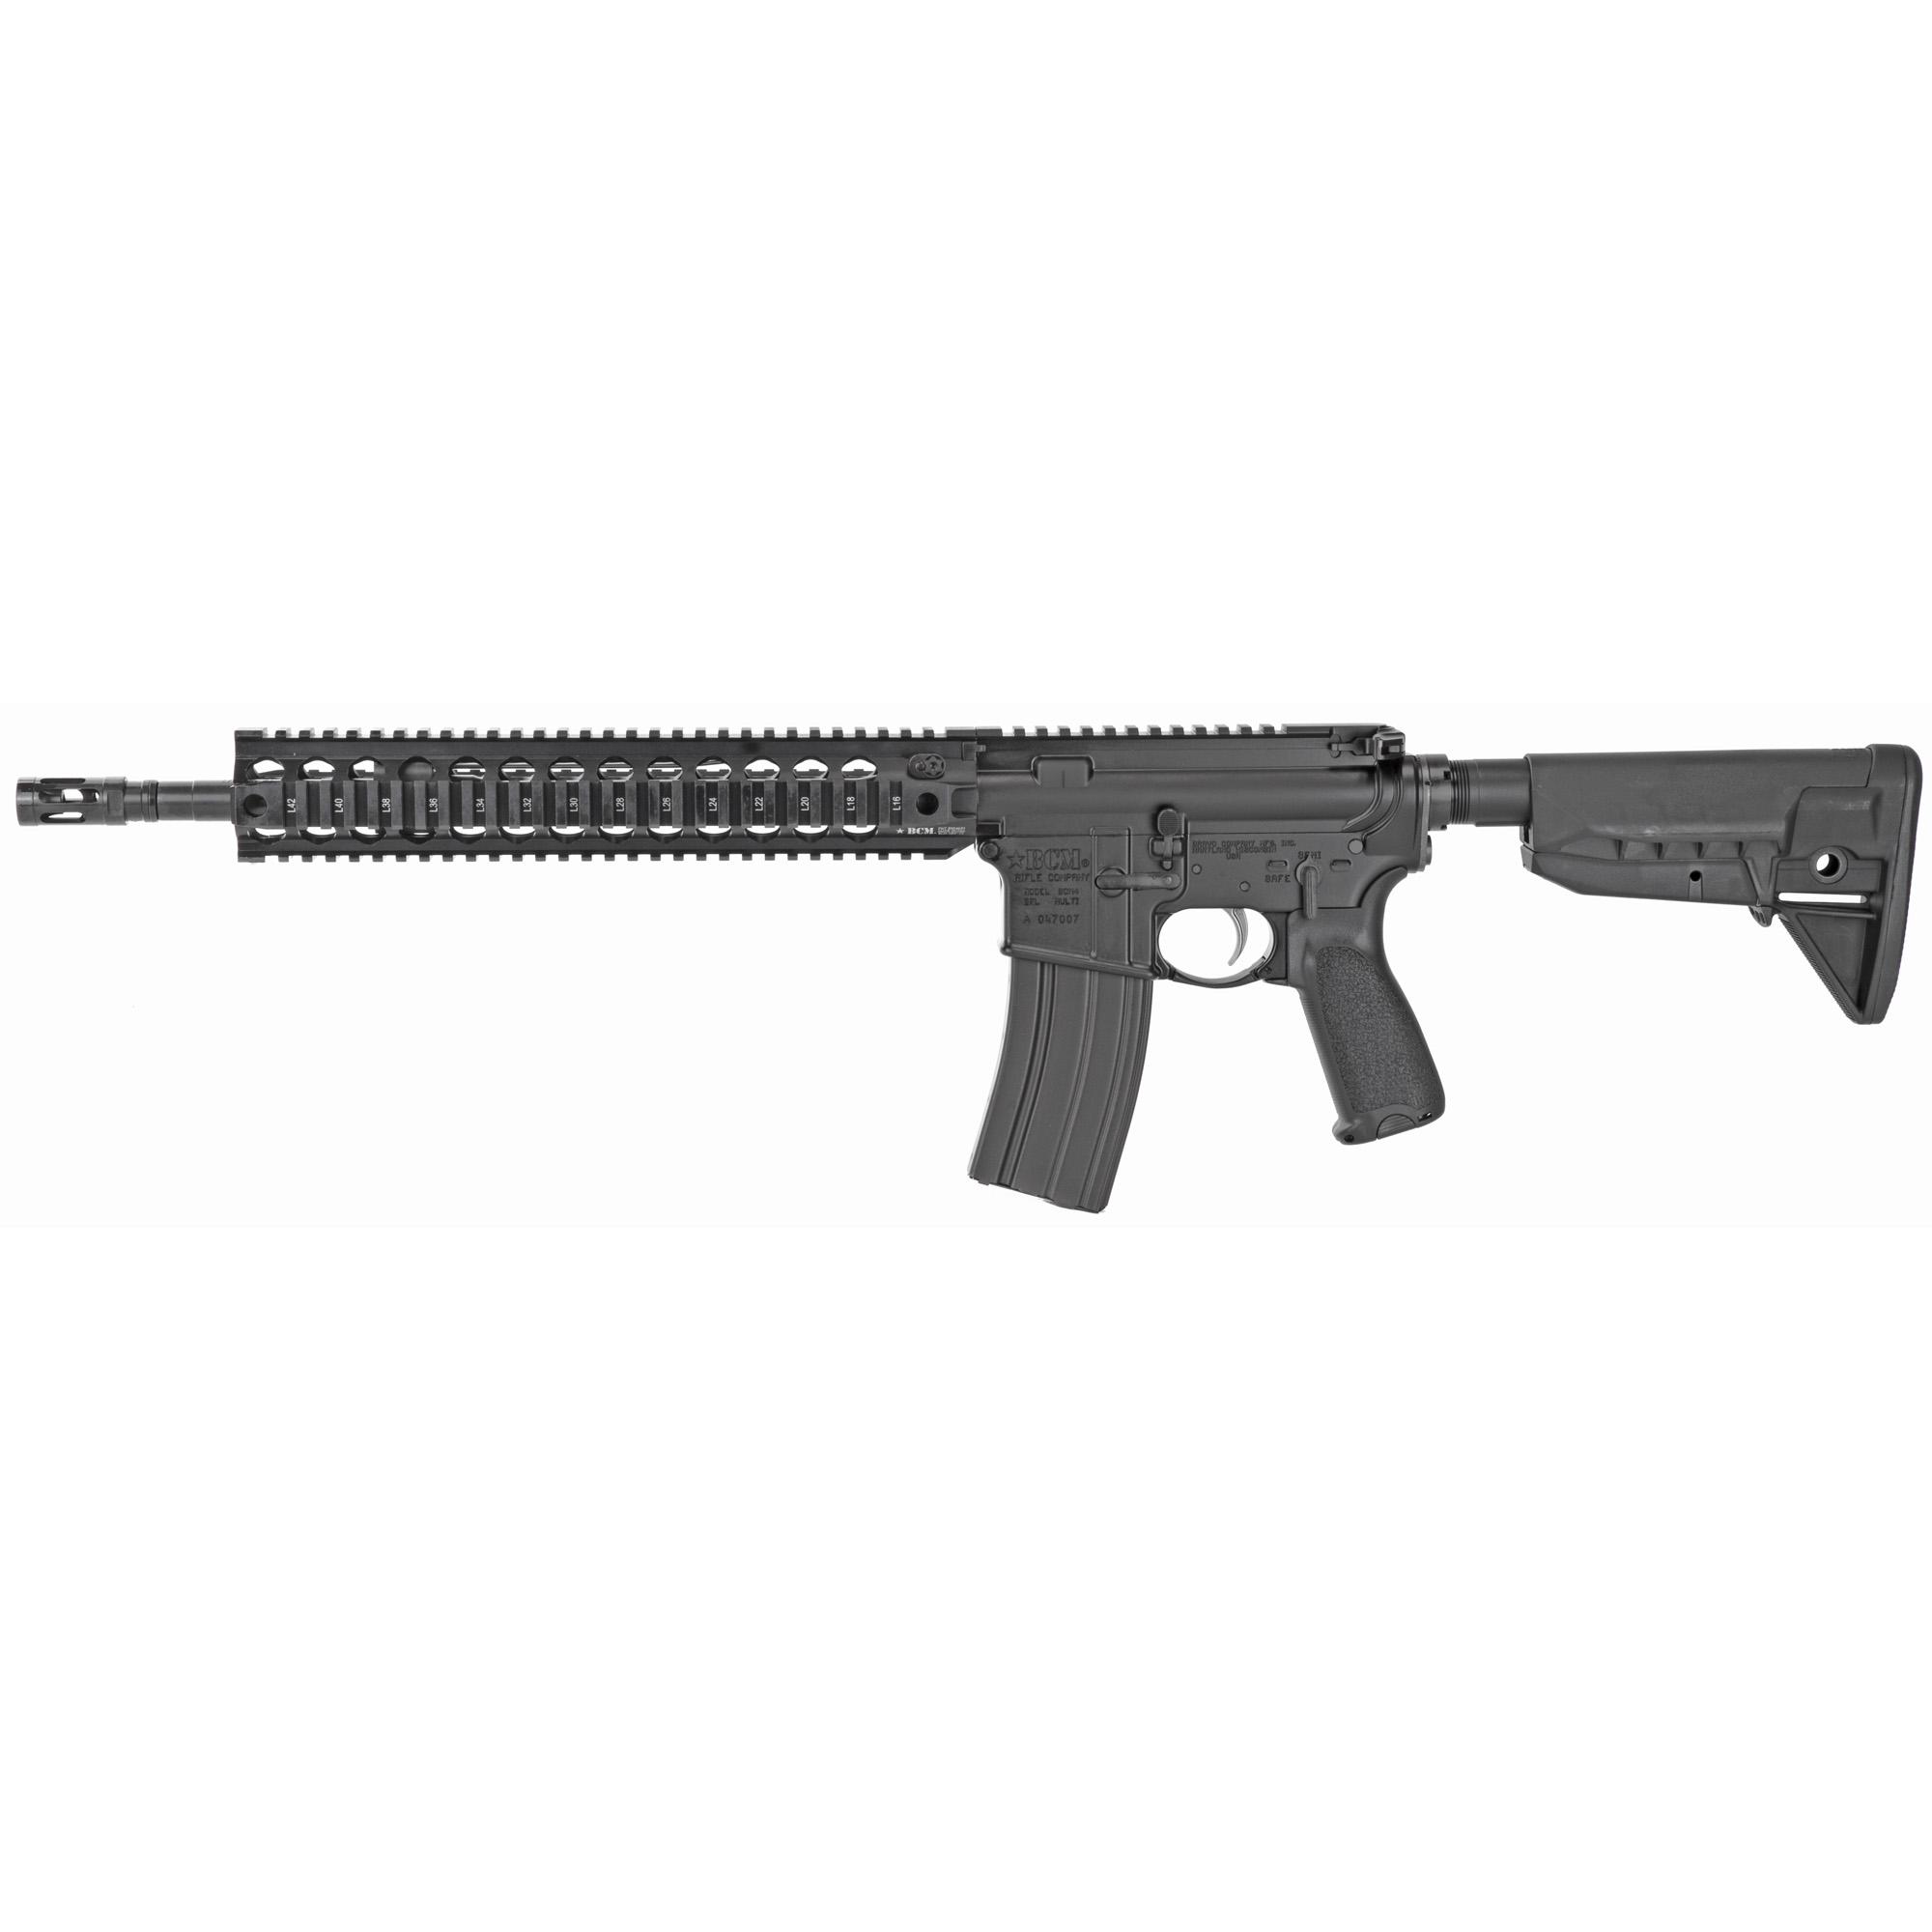 Bravo Company Recce-14 Model 0 AR 14.5″ Pinned (16″ Oal) 0.223 Remington 5.56 NATO 30Rd – Black